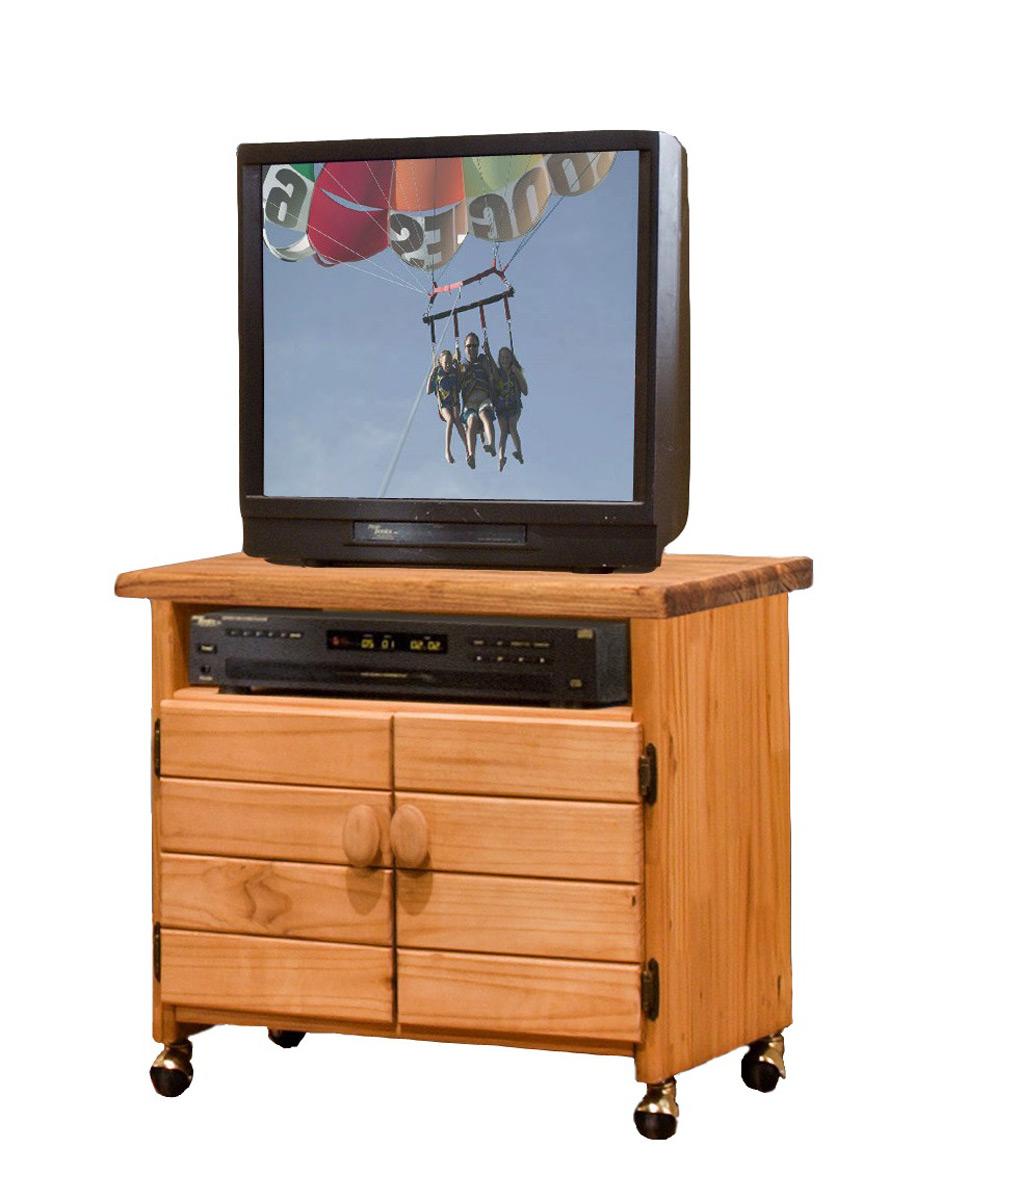 Chelsea Home 31710 TV Cart - Ginger Stain